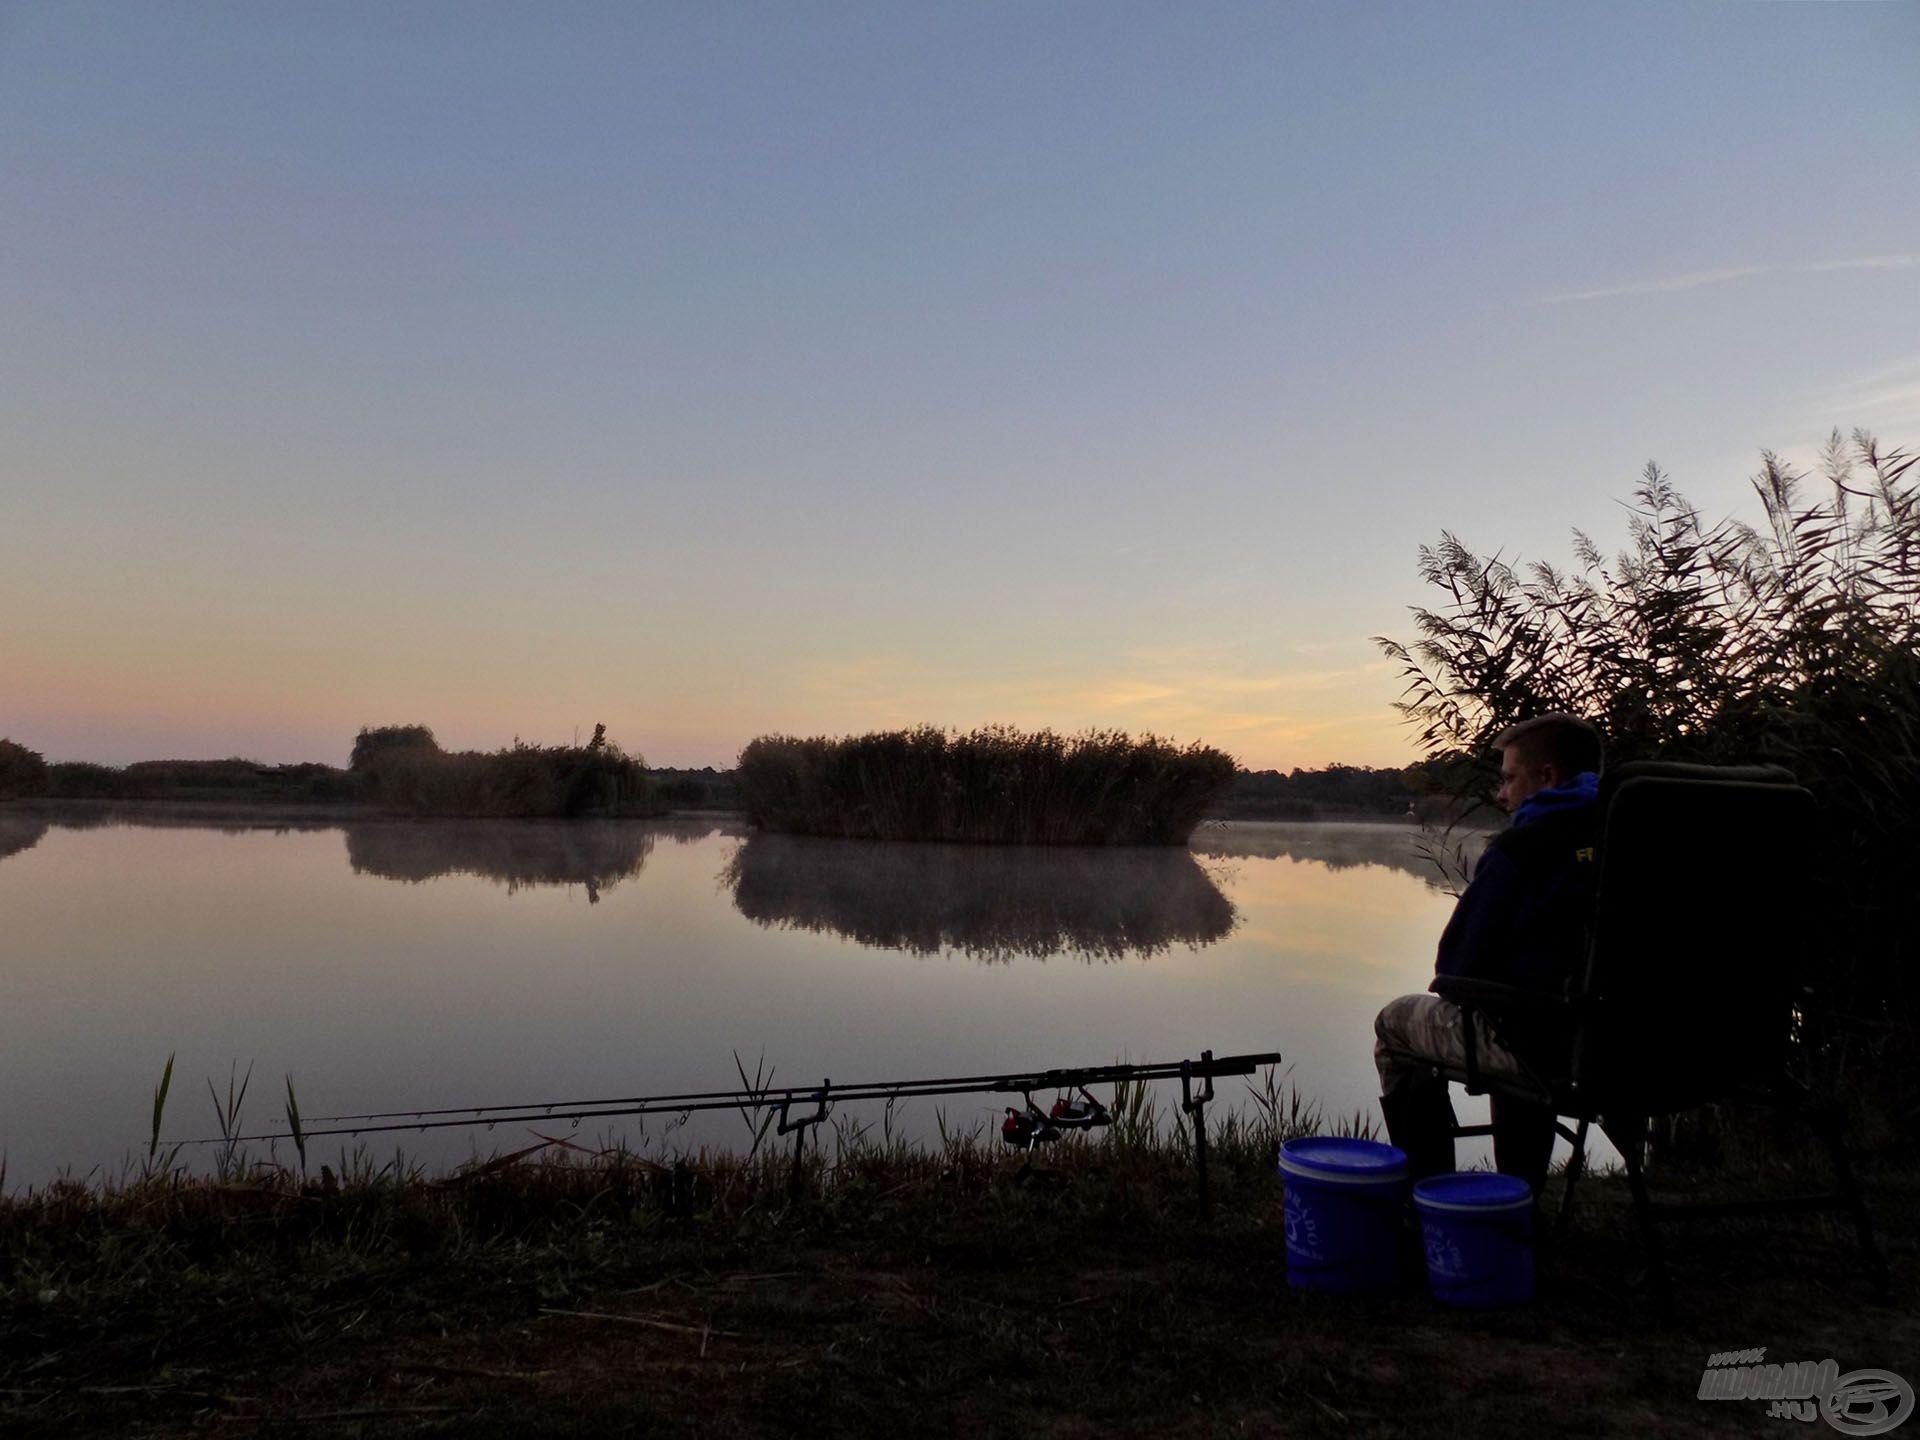 Kora hajnalban, elsőként érkeztem a tóra. Nagyon szeretem ezt a napszakot, véleményem szerint nem érdemes kihagyni, már csak a halak tartózkodási helyének a feltérképezése miatt sem